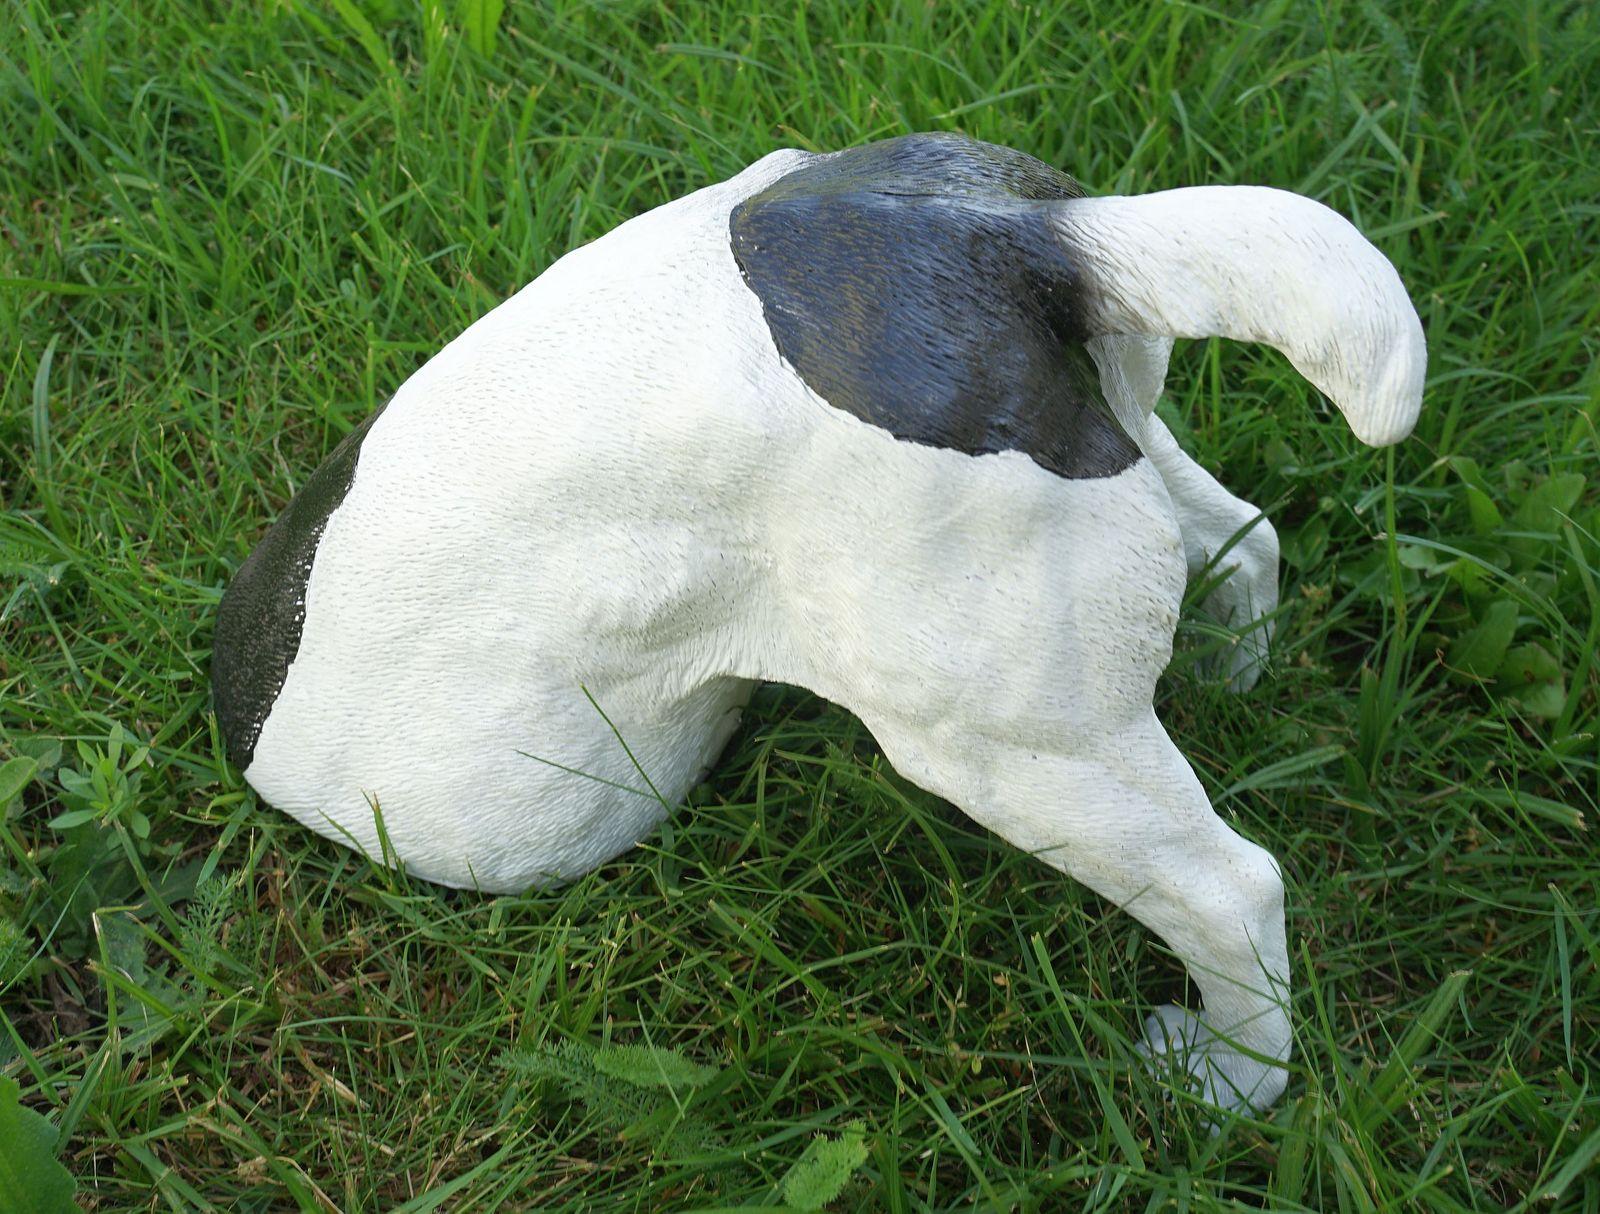 Full Size of Skulpturen Für Den Garten Farmwood Gartenfigur Hund Grabend 25 Cm Figur Skulptur Dog Loungemöbel Günstig Pergola Kleines Regal Mit Schubladen Schaukelstuhl Wohnzimmer Skulpturen Für Den Garten